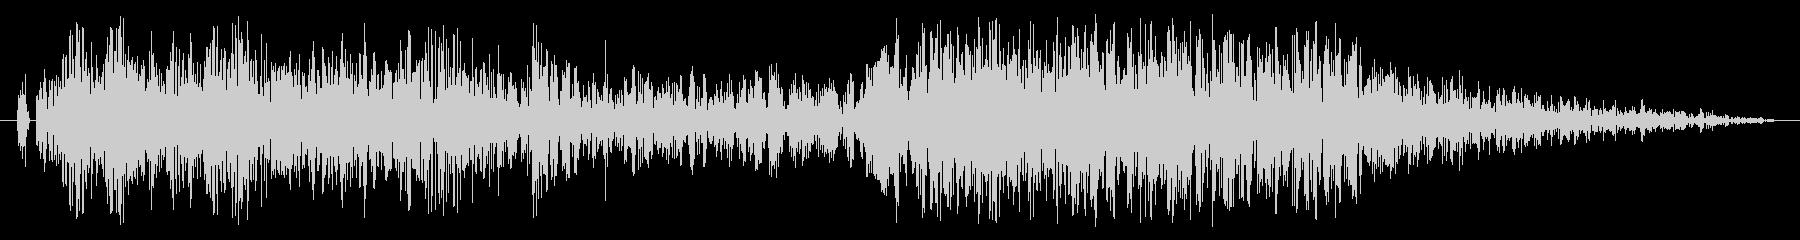 【レース】ド迫力の車アクセル効果音!02の未再生の波形